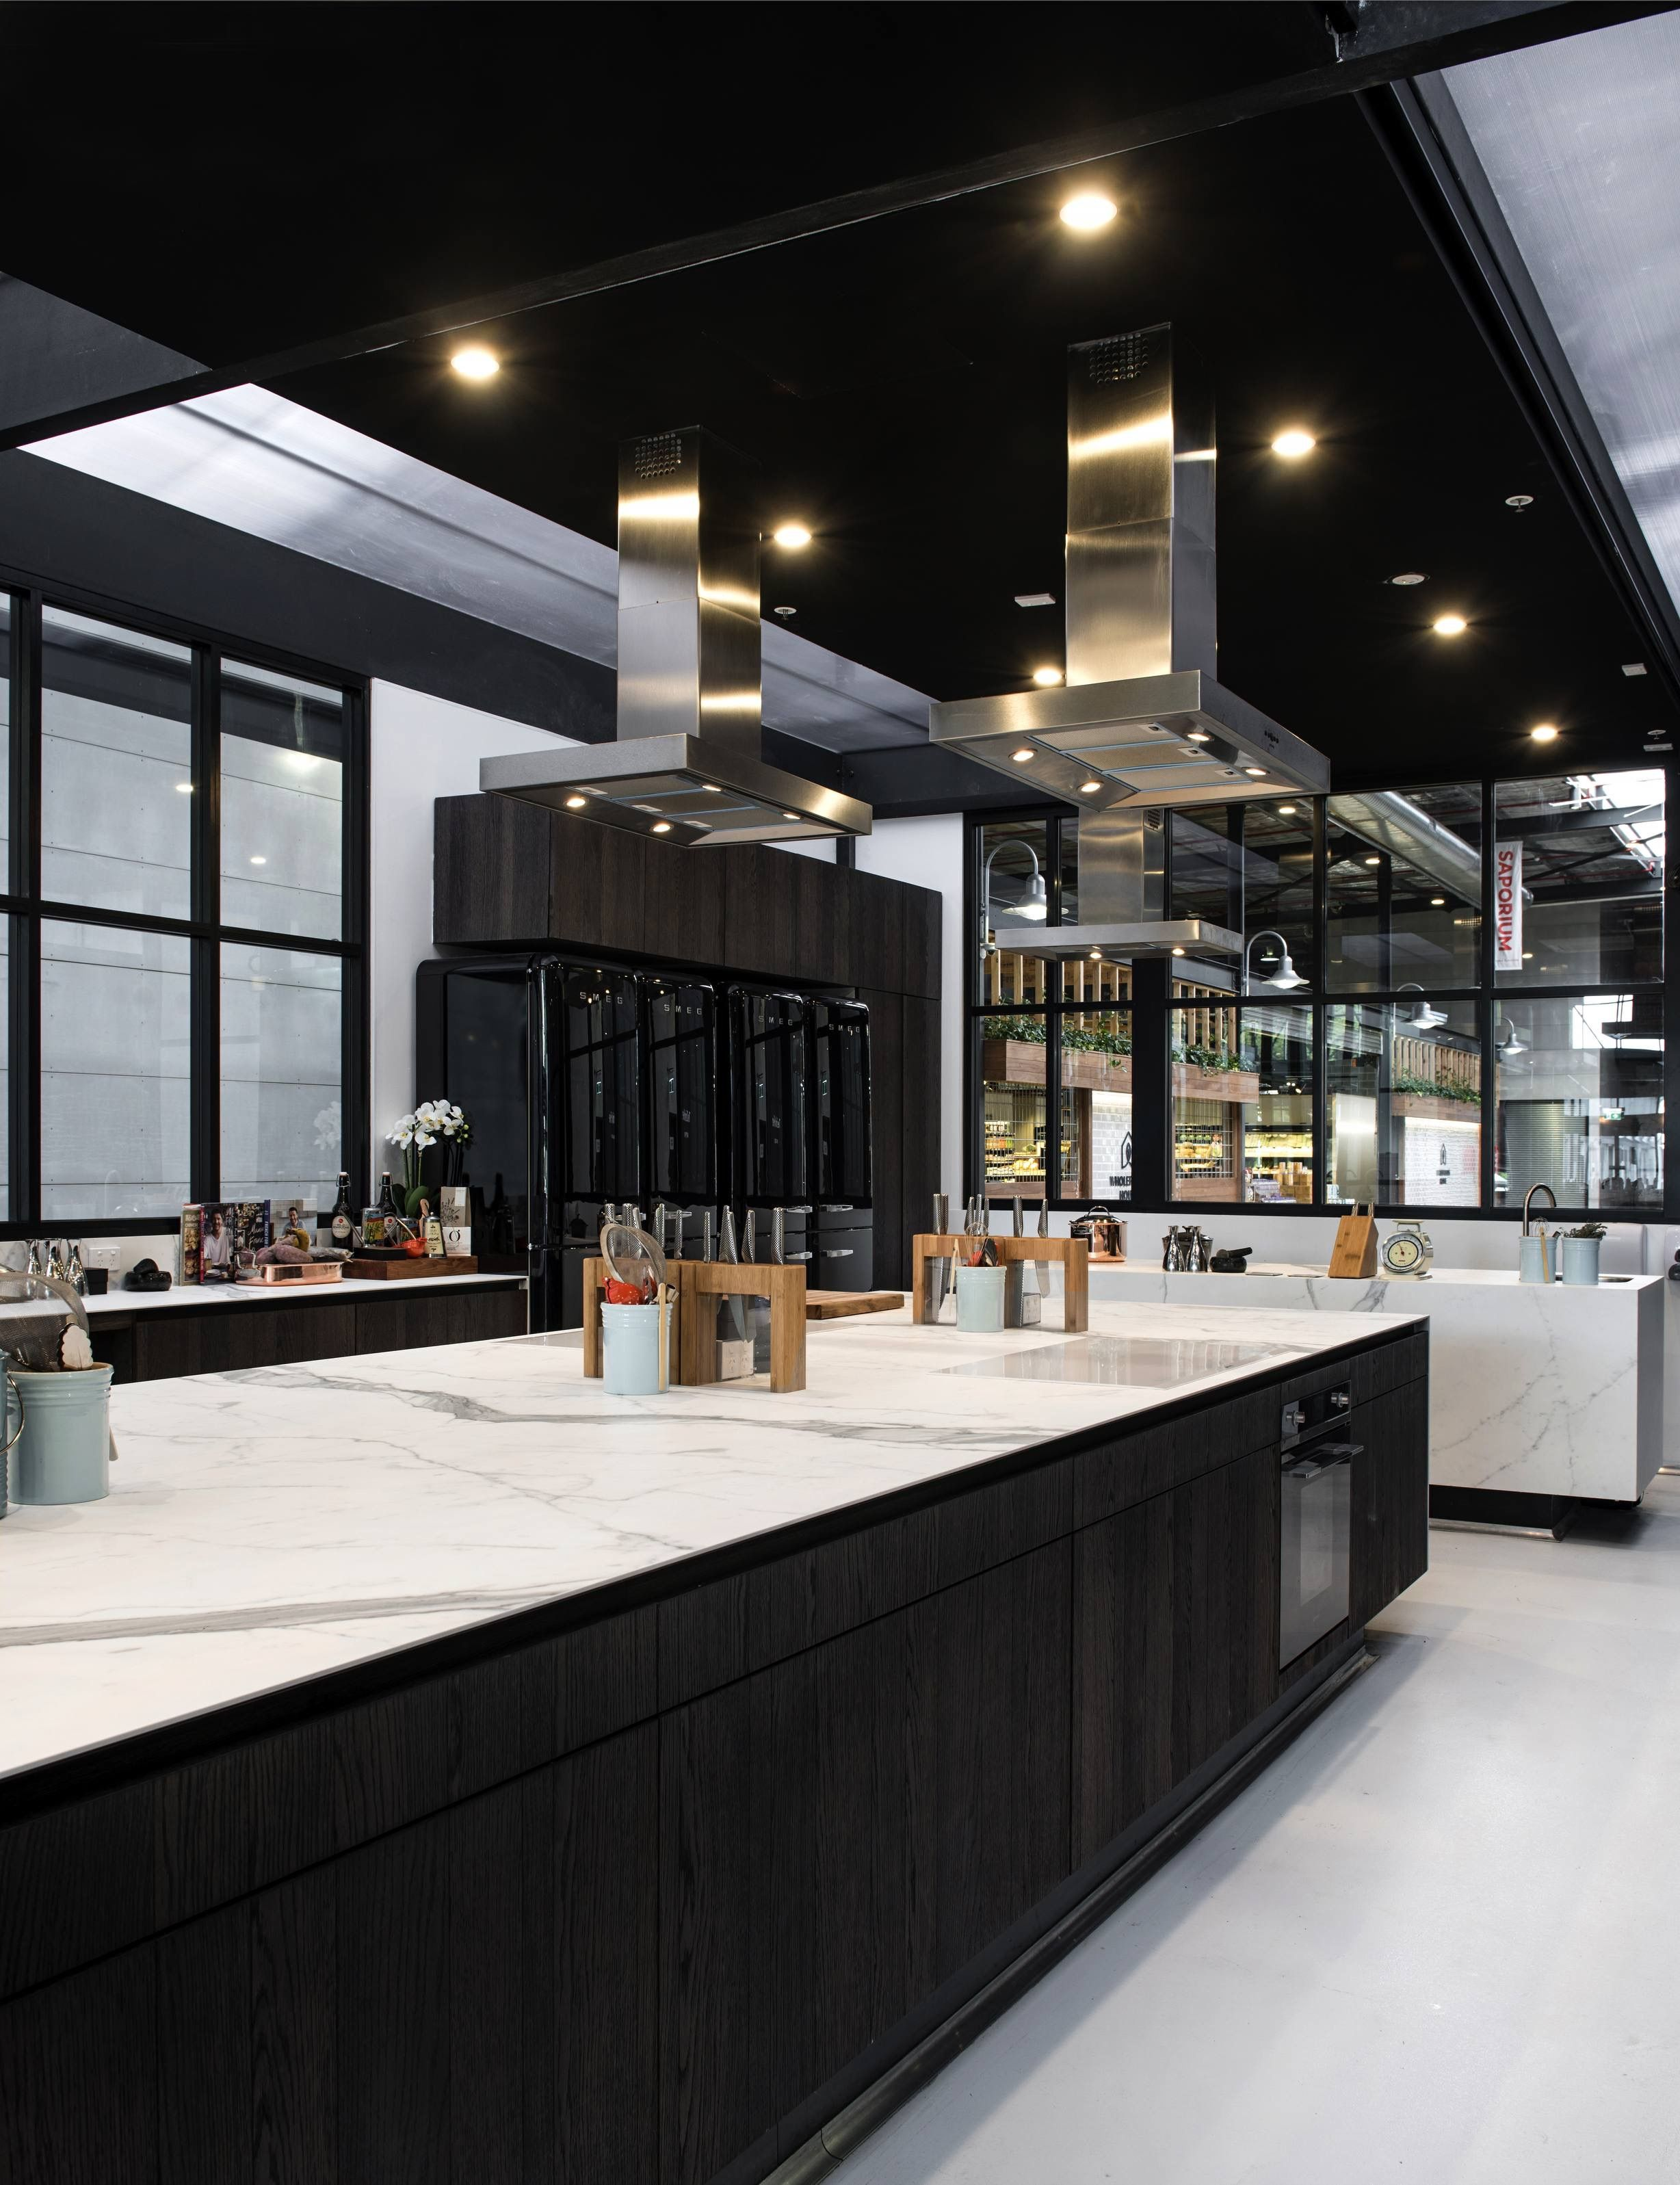 Ausgezeichnet Küchendesign Nz New Plymouth Ideen - Küchen Design ...